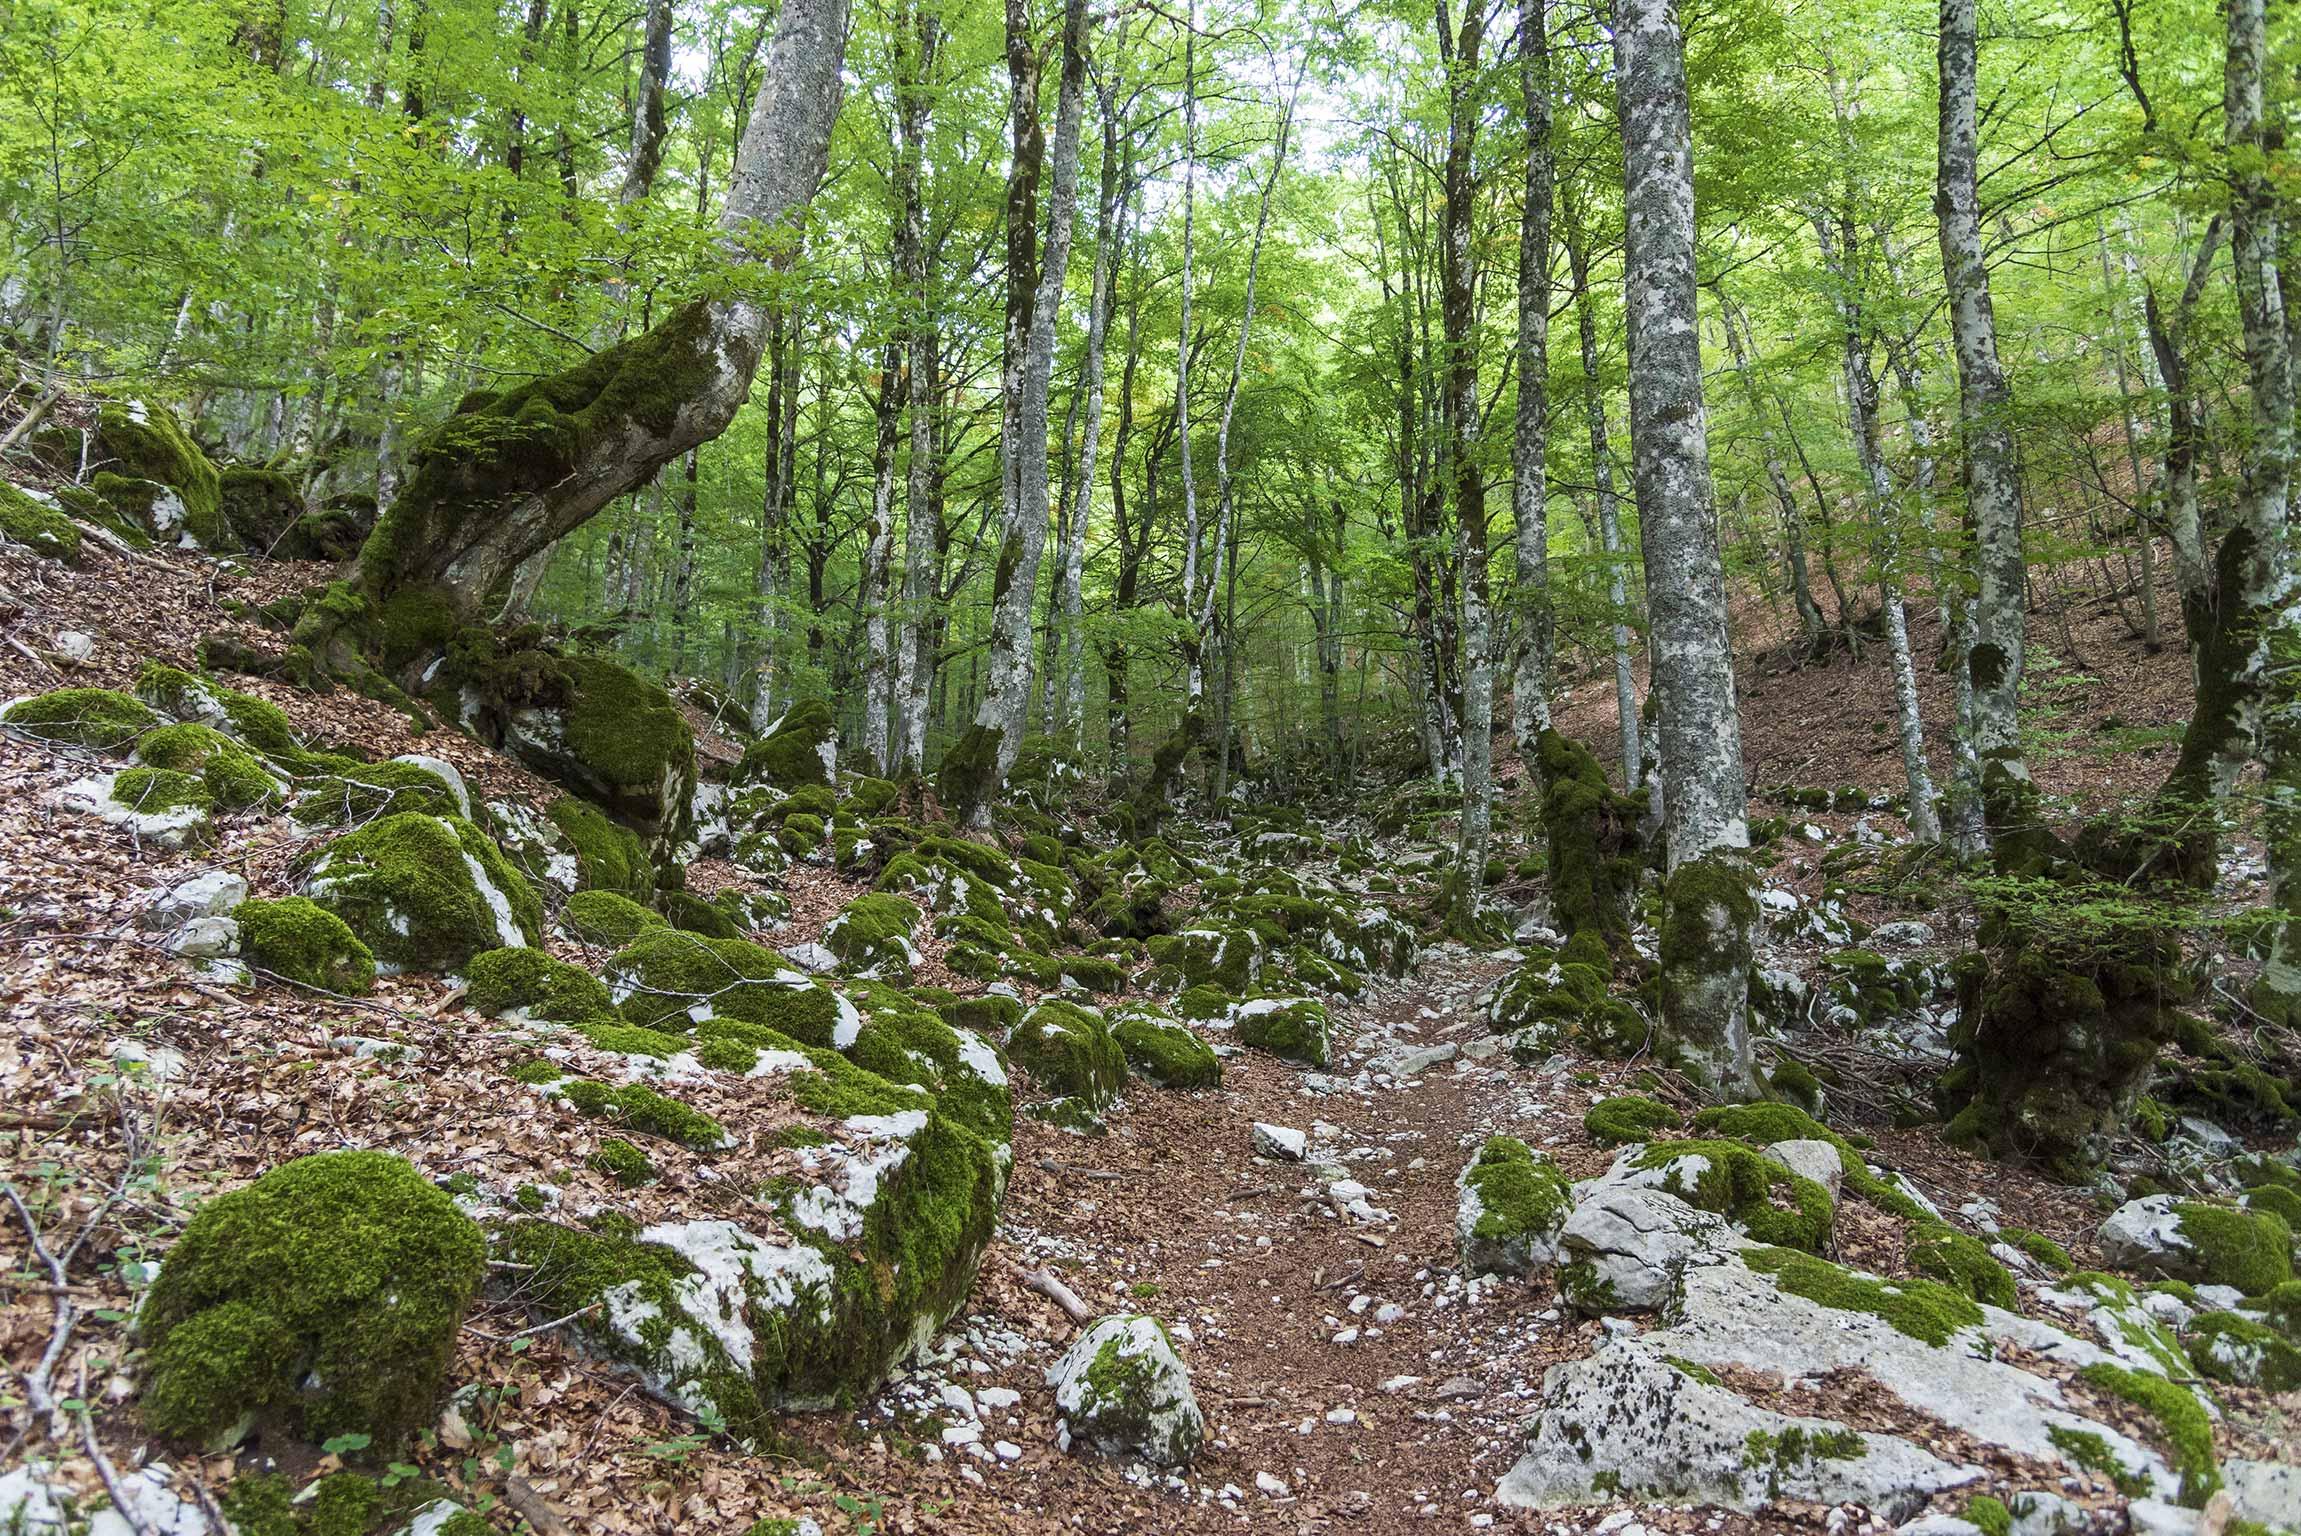 Faggeta della Valle dell'Inferno, Barrea, Parco nazionale d'Abruzzo, Lazio e Molise